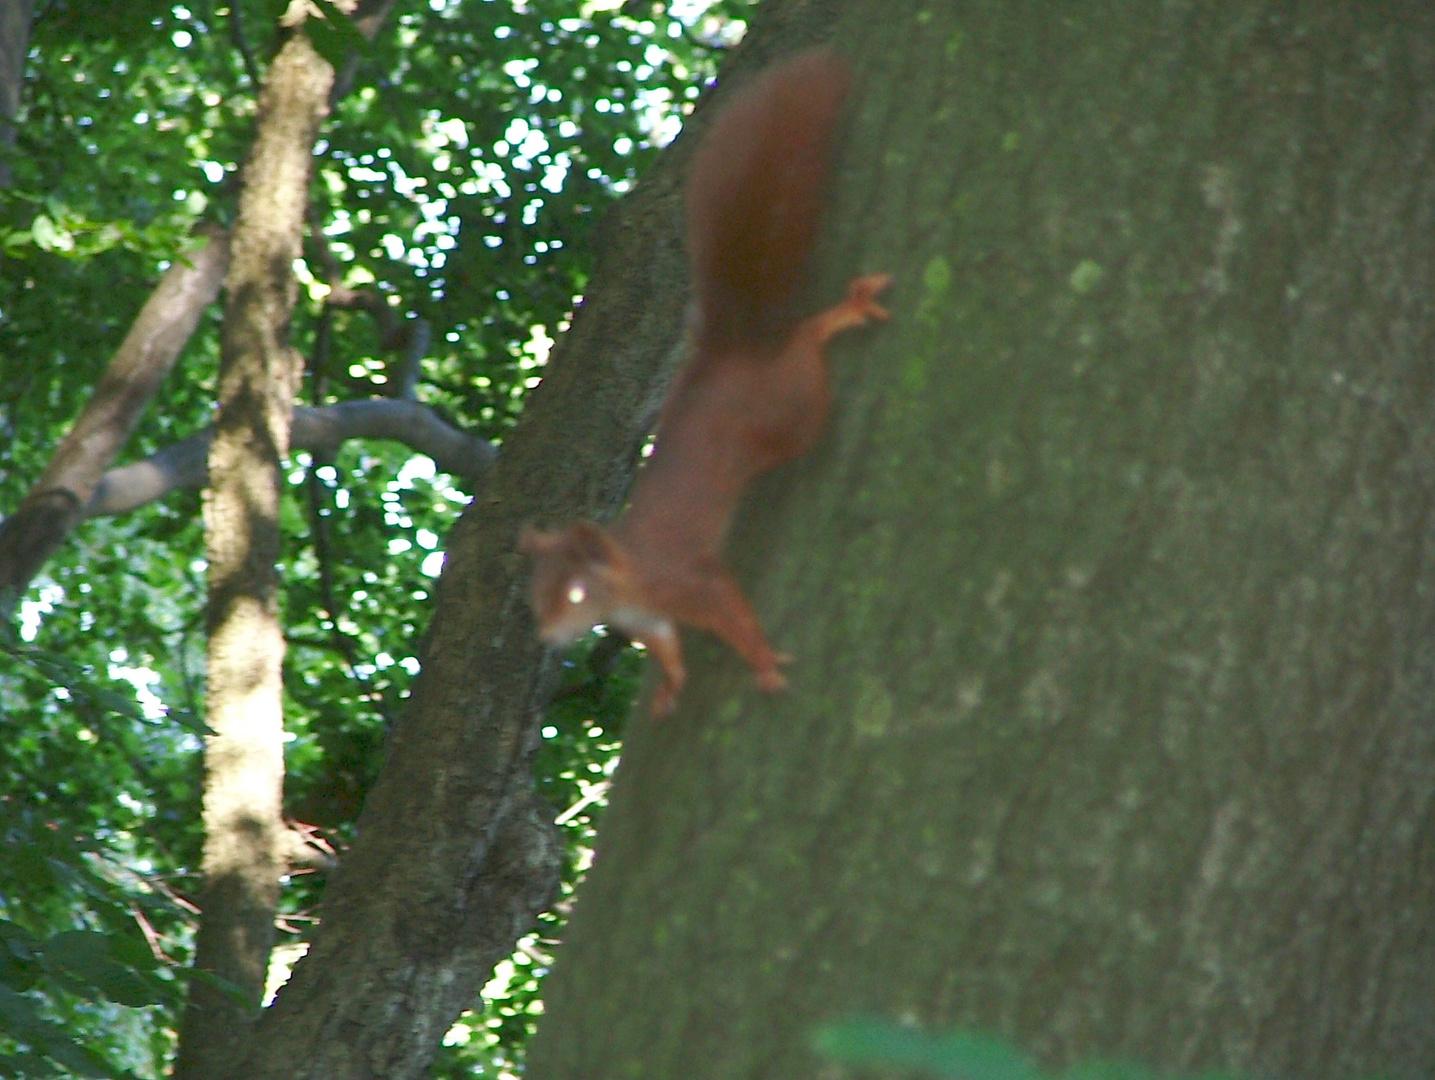 Eicchhörnchen